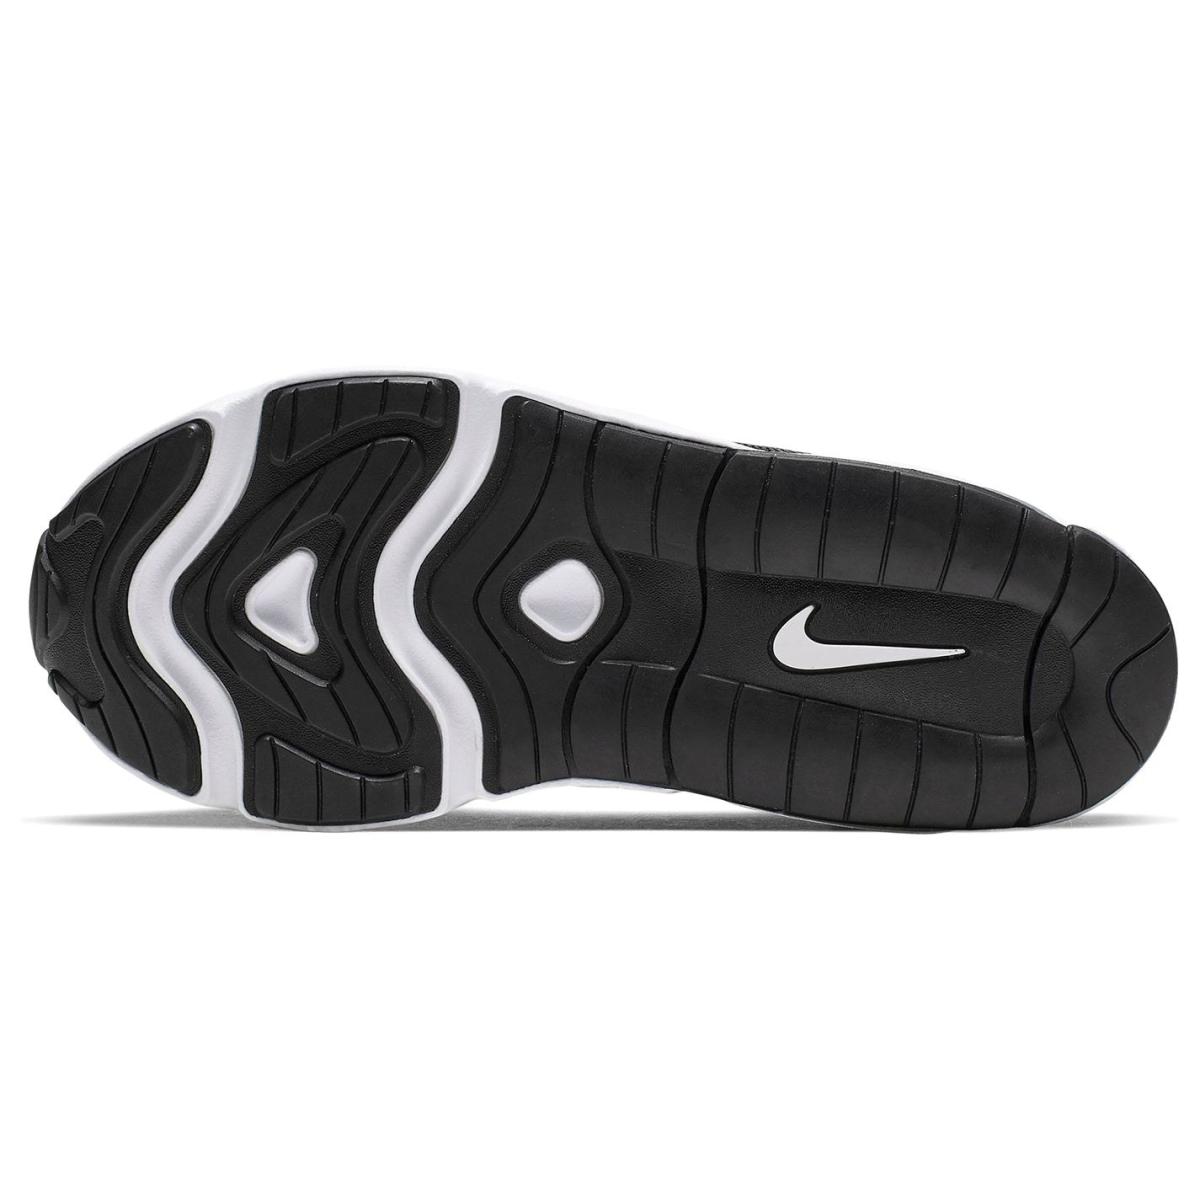 Nike Air Max 200 Turnschuhe Laufschuhe Jungen Kinder Sneaker